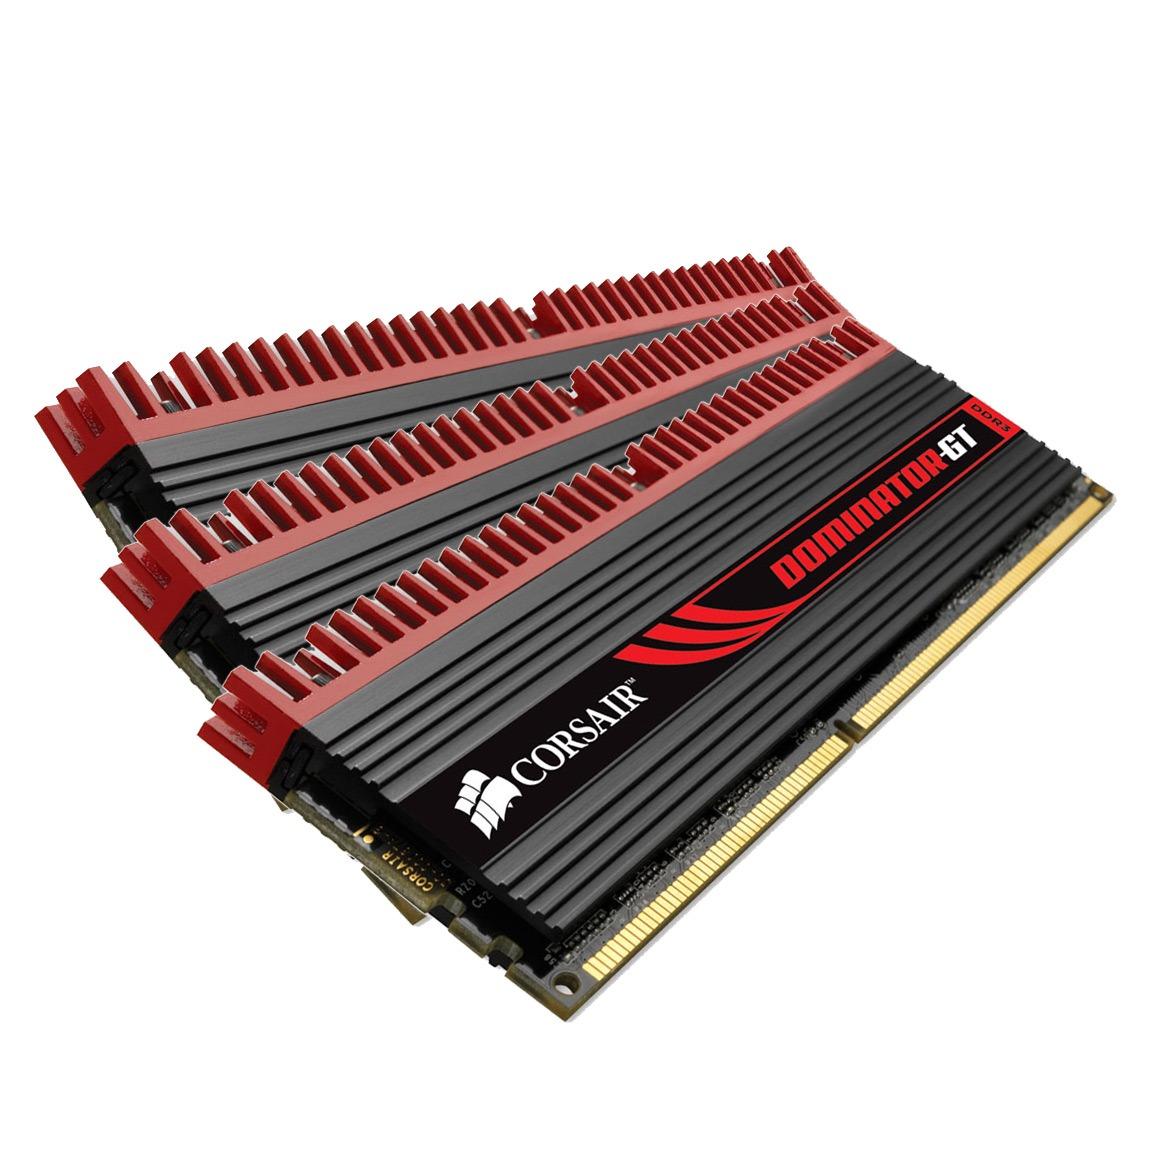 Mémoire PC Corsair Dominator-GT 6 Go (3x 2 Go) DDR3 1866 MHz CL9 Kit Triple Channel RAM DDR3 PC14900 - CMT6GX3M3A1866C9 (garantie 10 ans par Corsair)